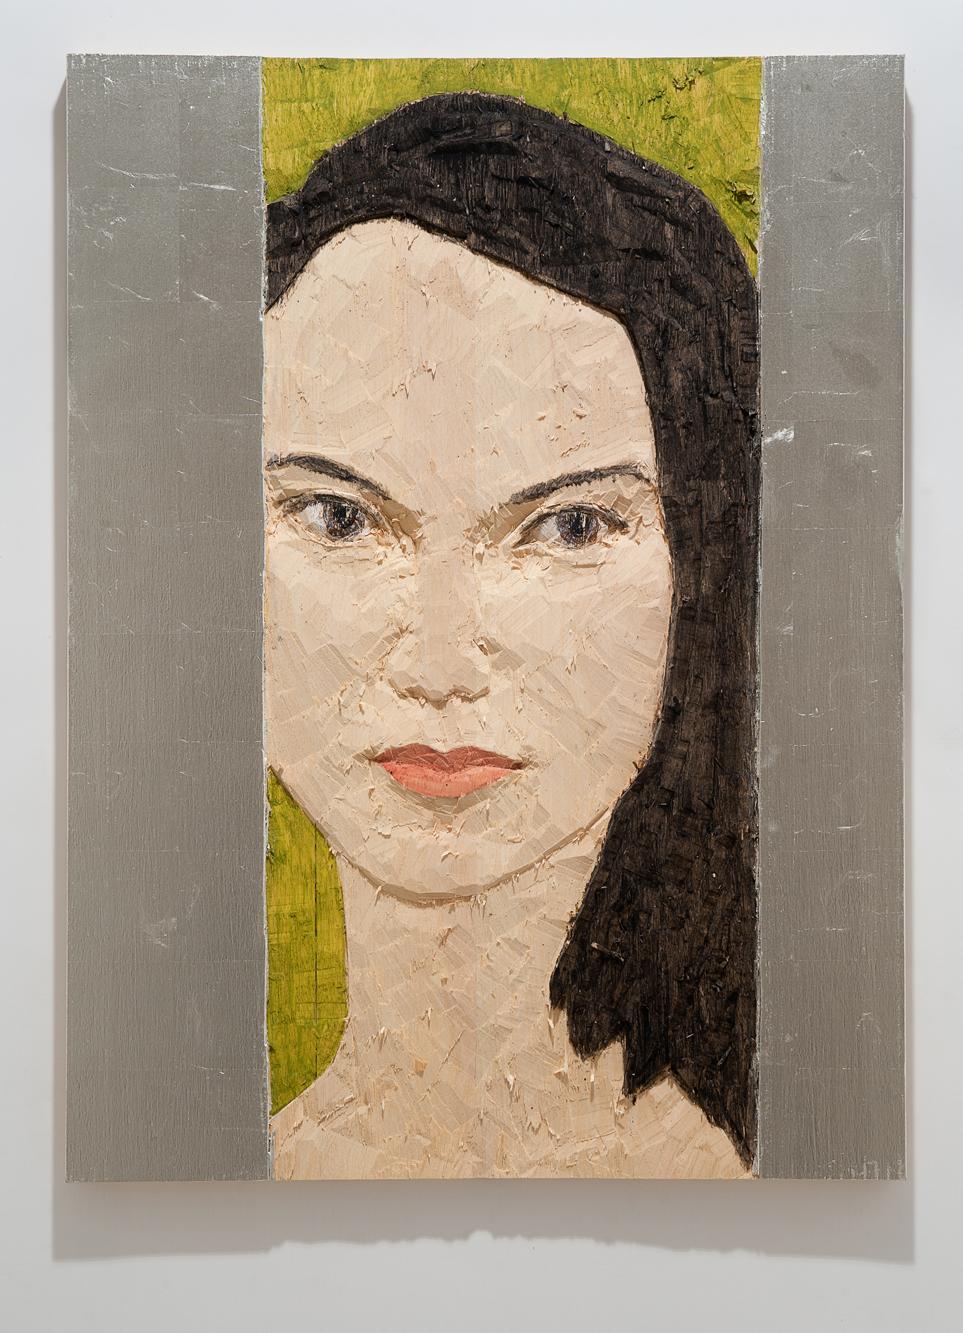 """""""Senza titolo"""" 2012, bassorilievo su legno wawa dipinto, 60 x 80 cm"""